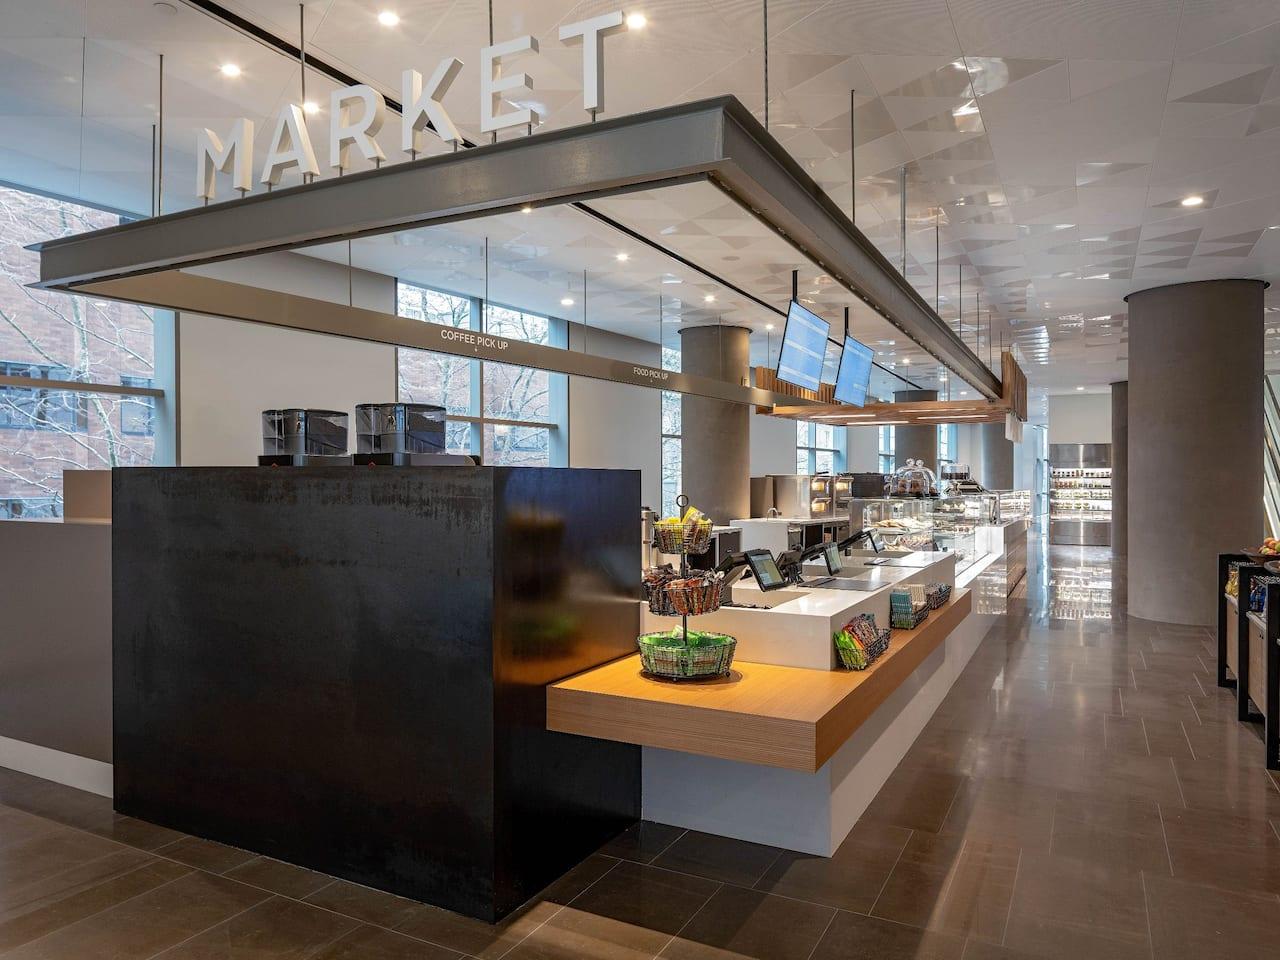 Hyatt Regency Seattle Market